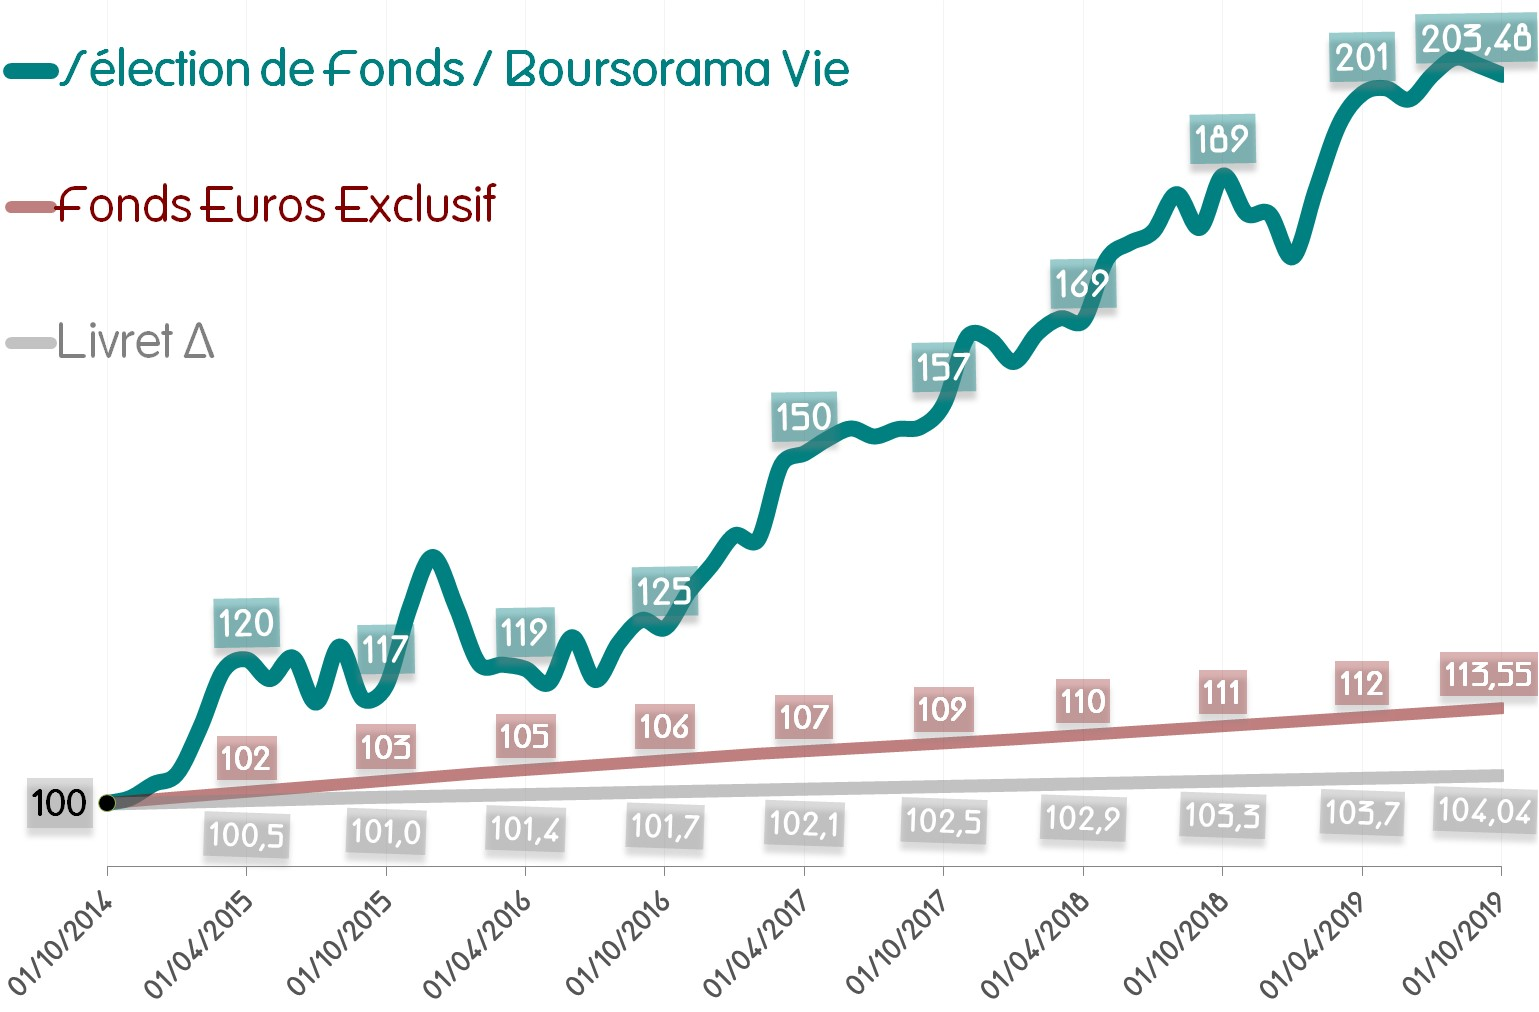 Performance de la Sélection de Fonds - Boursorama Vie